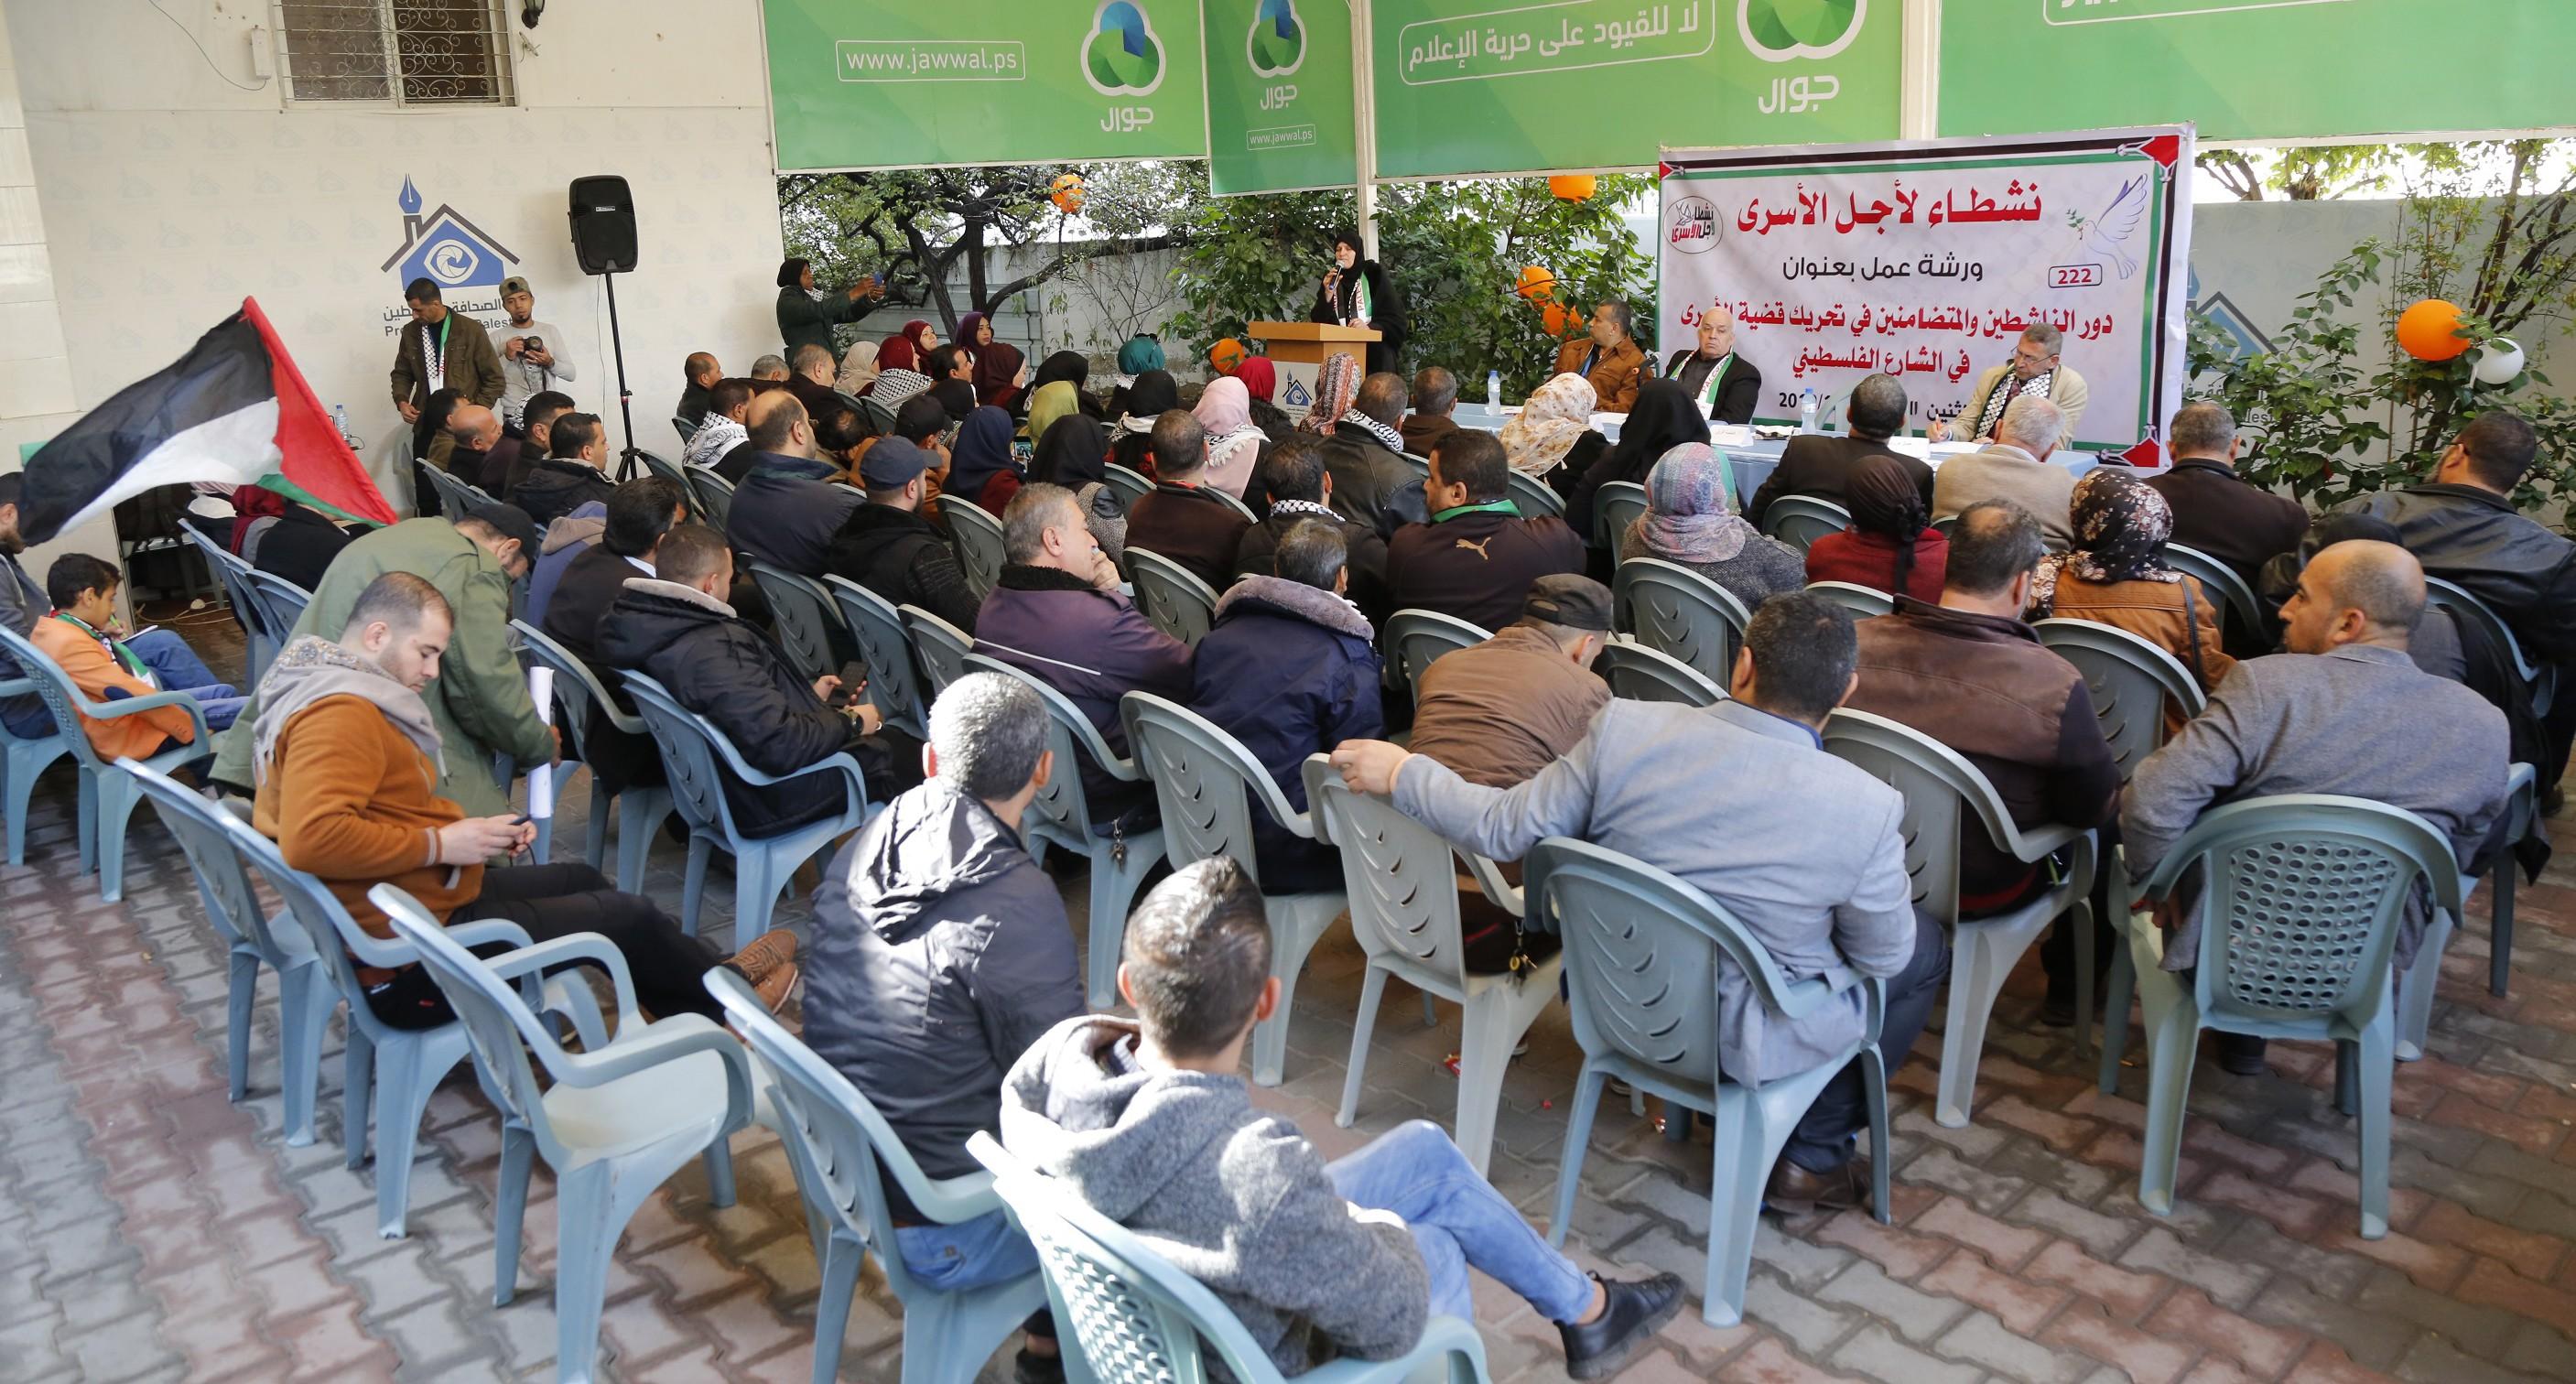 بيت الصحافة يستضيف ورشة عمل لمجموعة نشطاء لأجل الأسرى